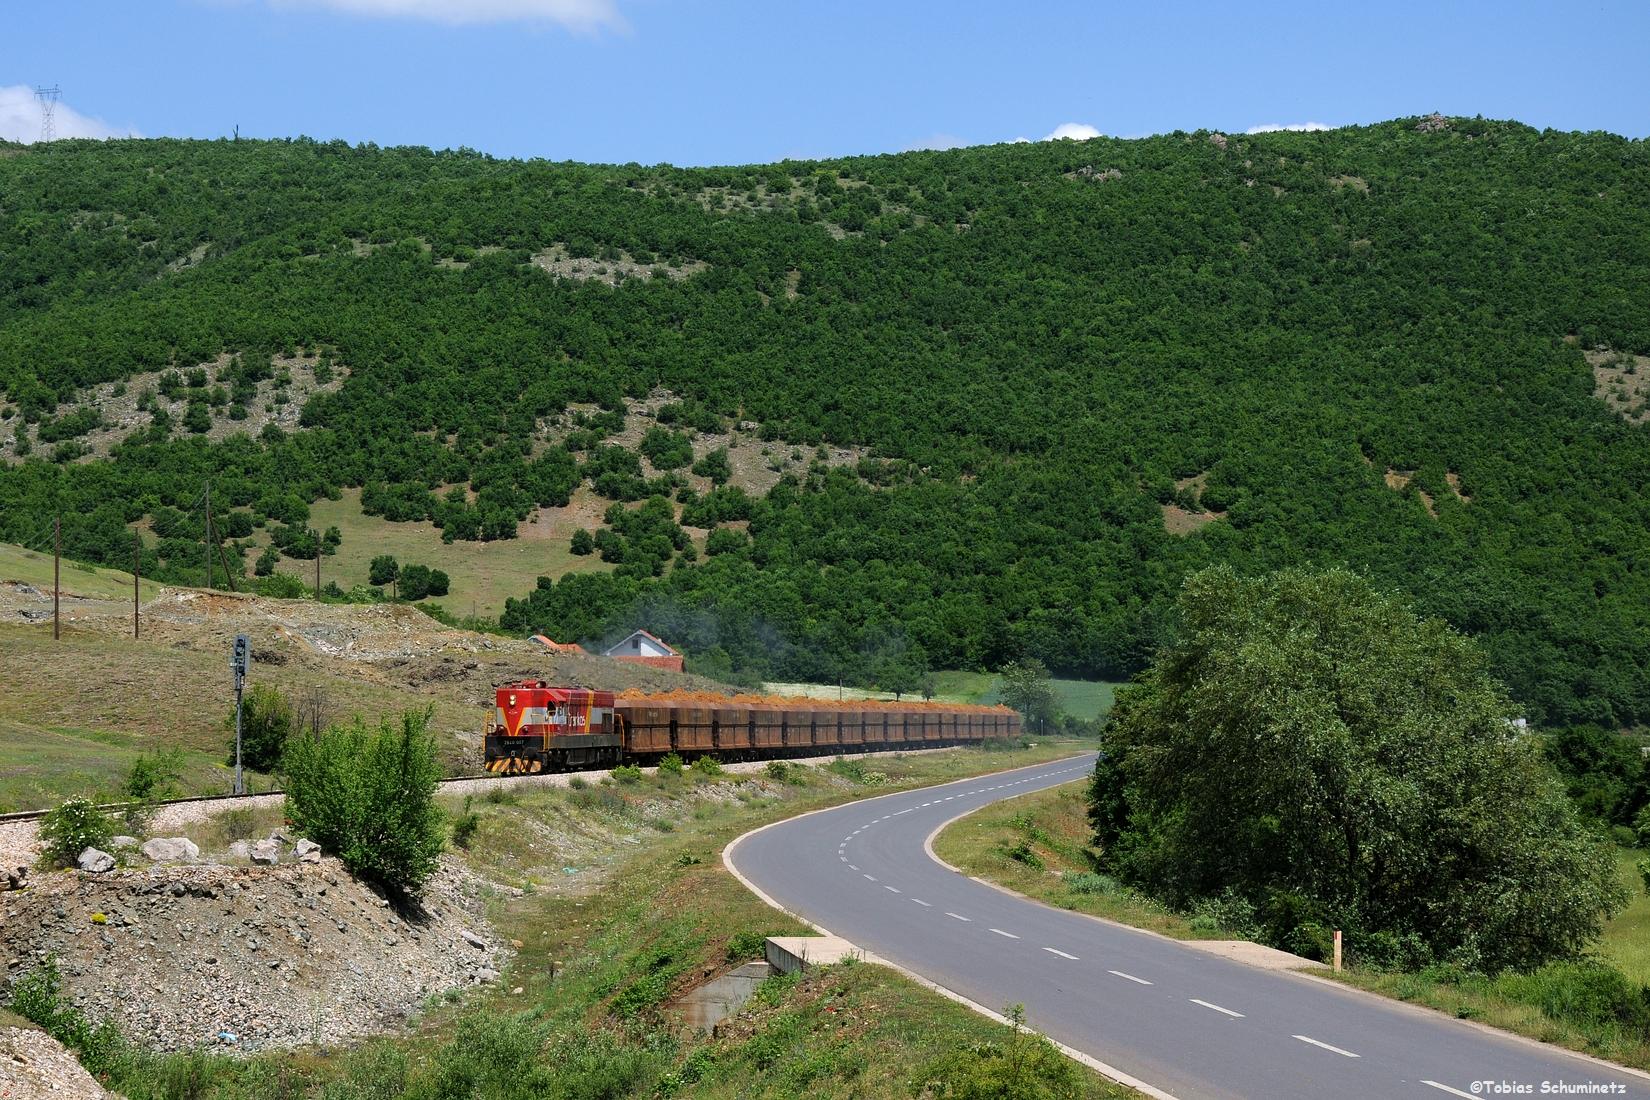 Wir heizten hinterher und kurz vor dem Bahnhof Dritan konnten wir den Zug nochmals aufnehmen.